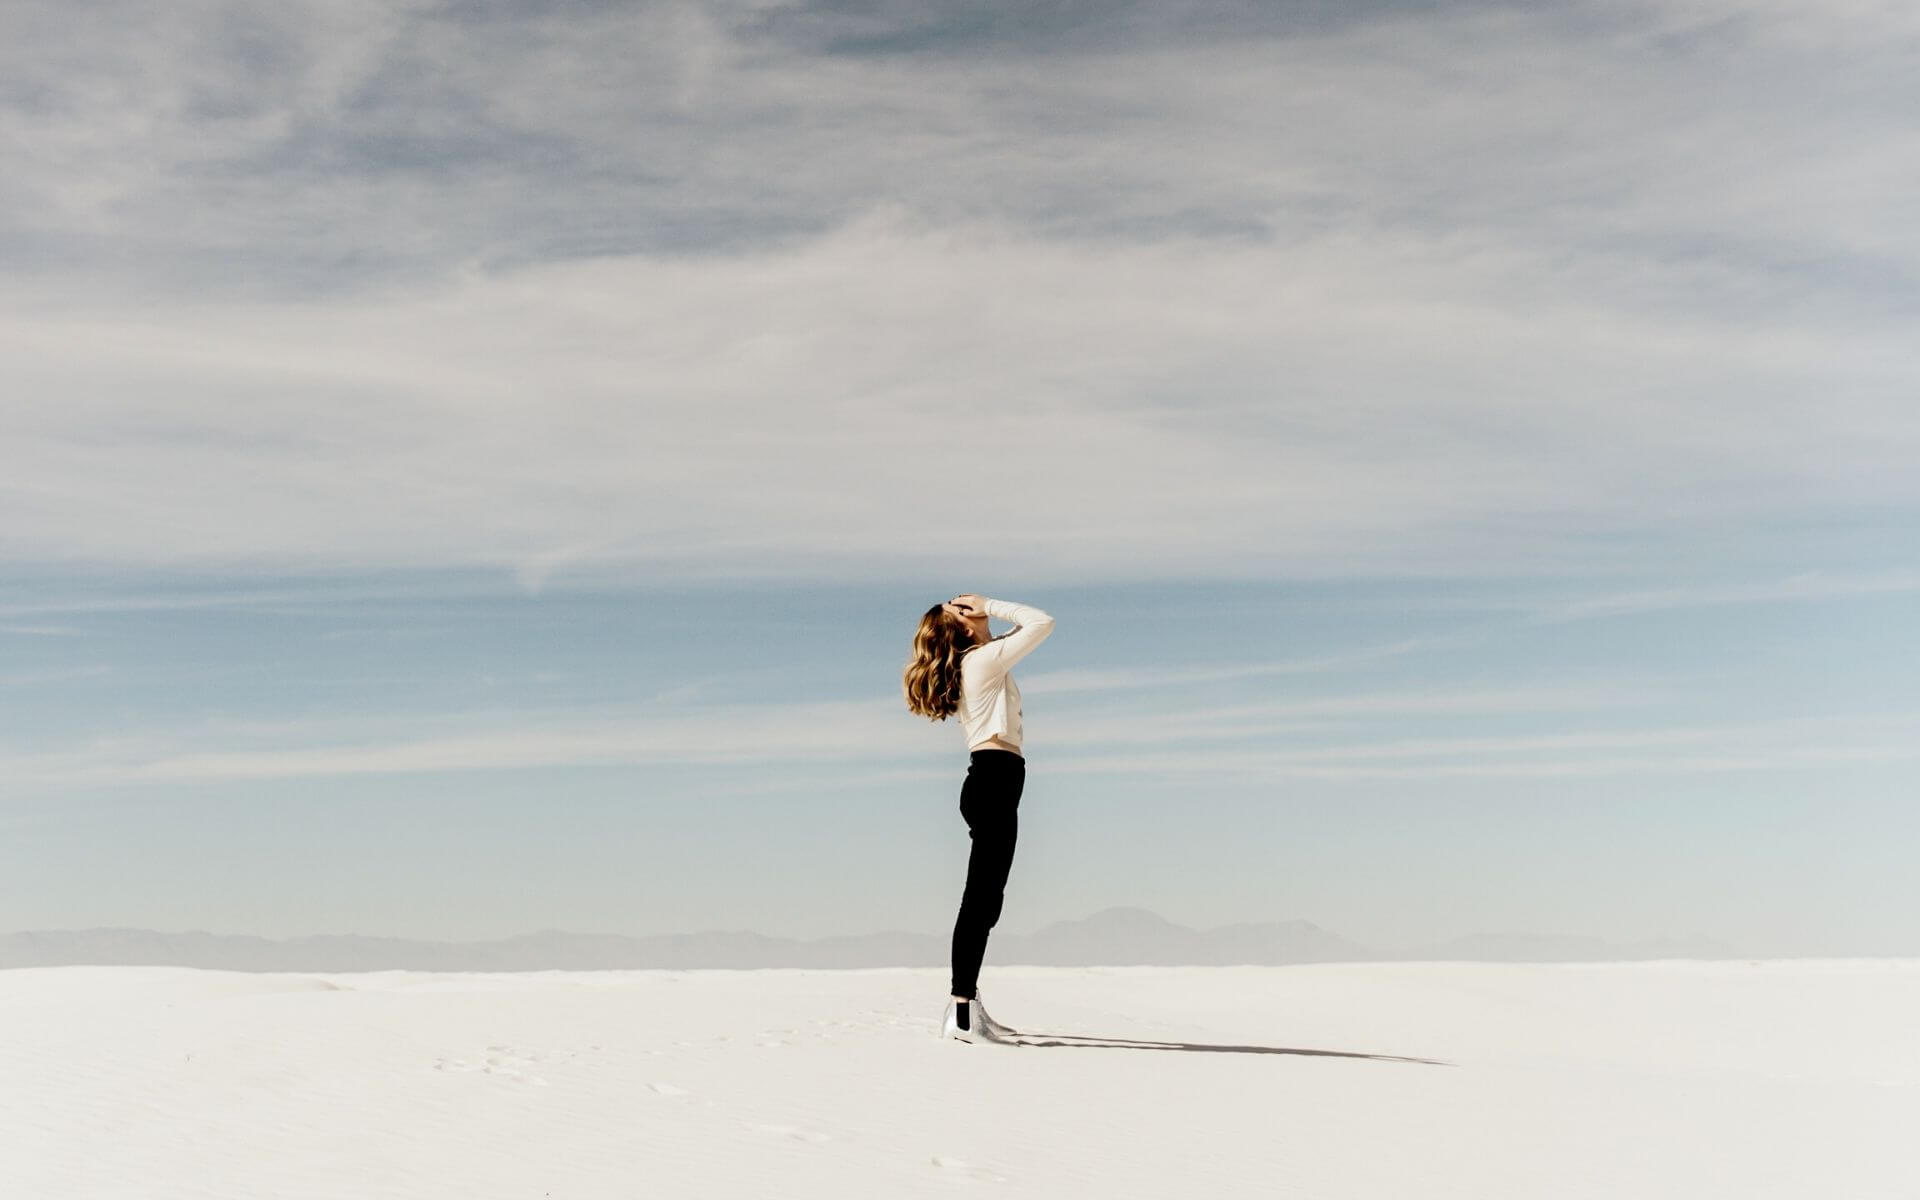 Liebessucht: Bin ich süchtig nach Emotionen und Aufmerksamkeit?